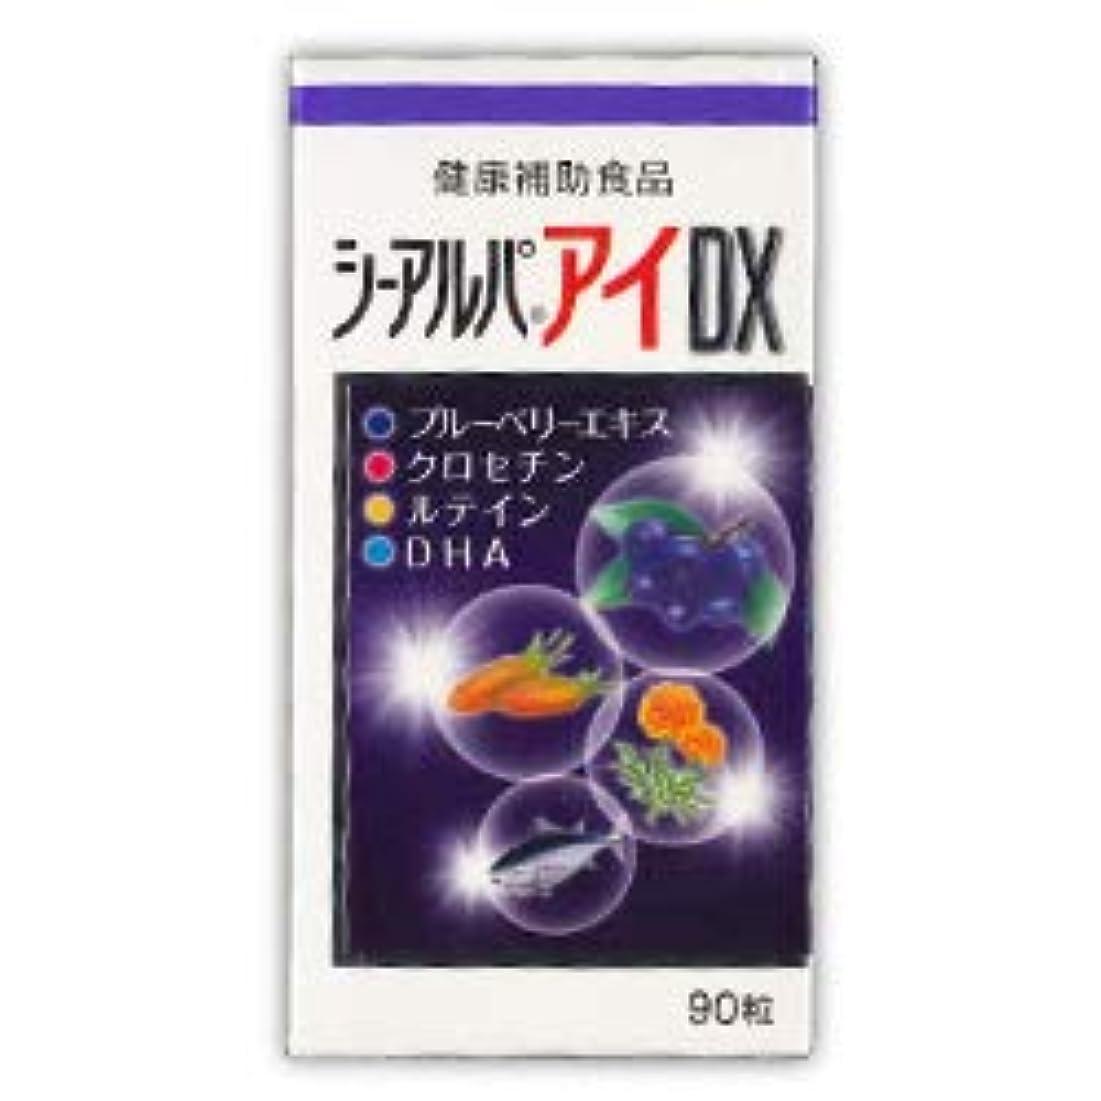 偏差ロープビデオ【日水製薬】シーアルパアイDX 90粒